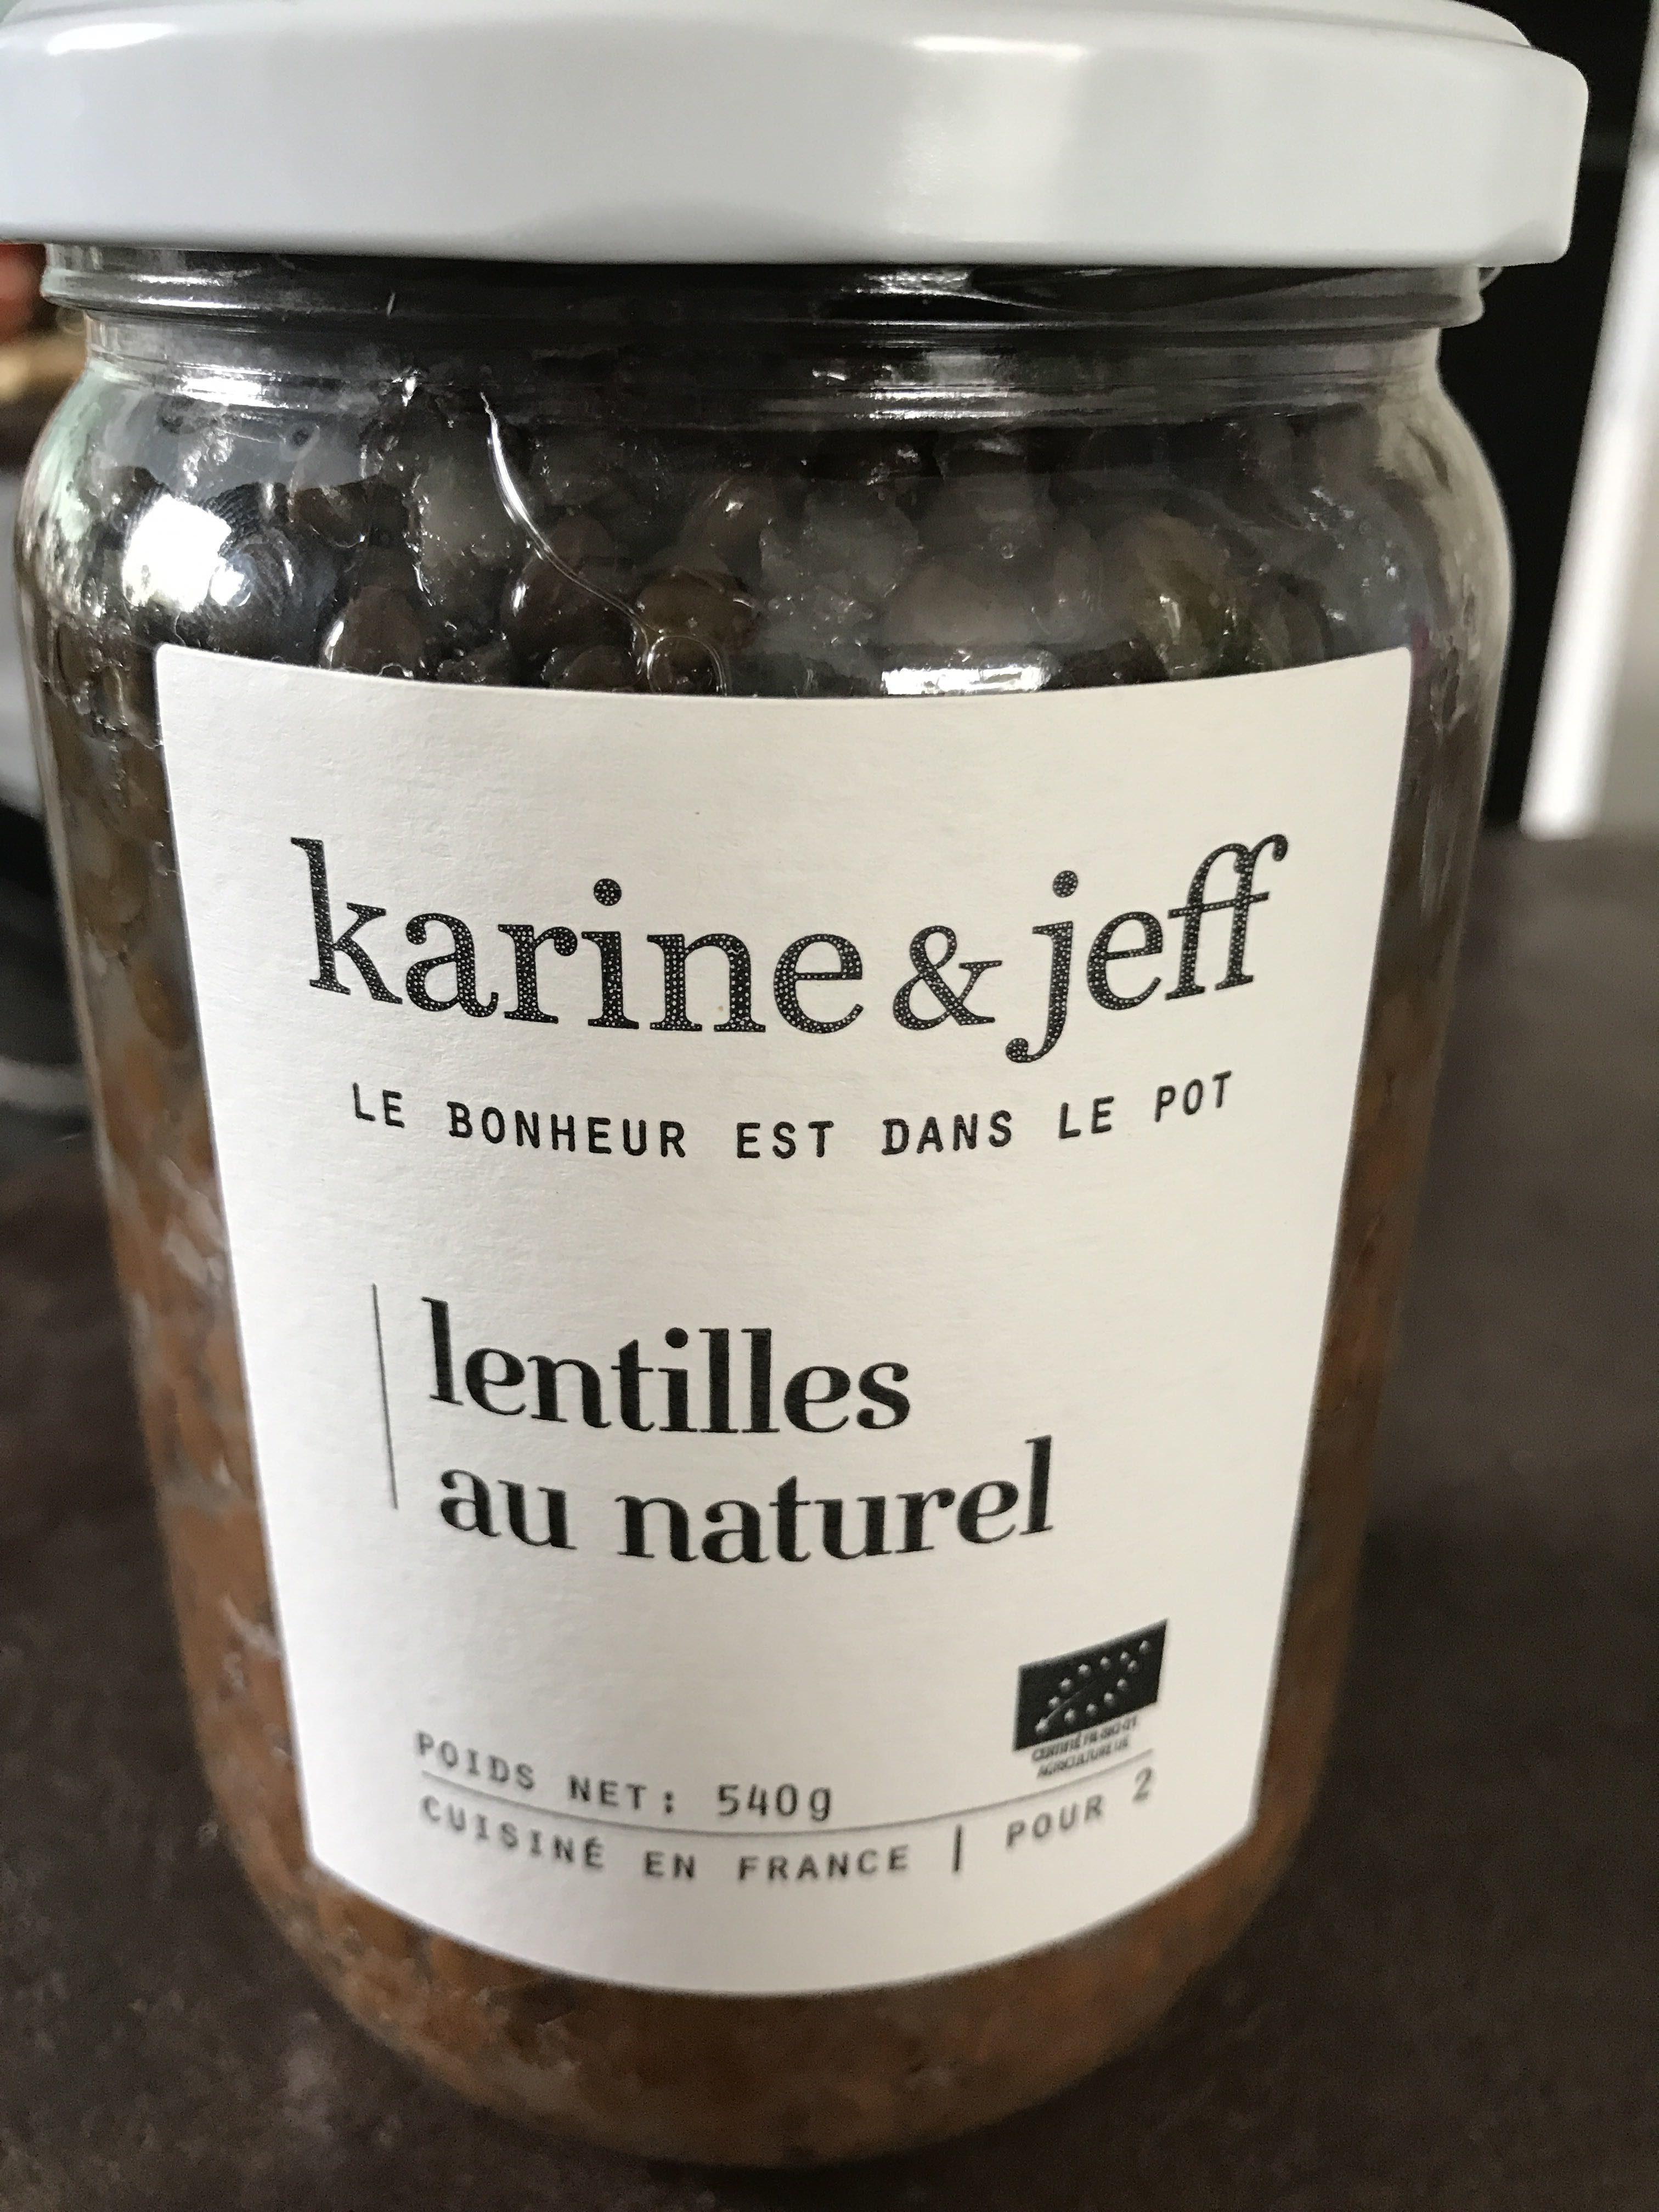 Lentilles au naturel - Product - fr